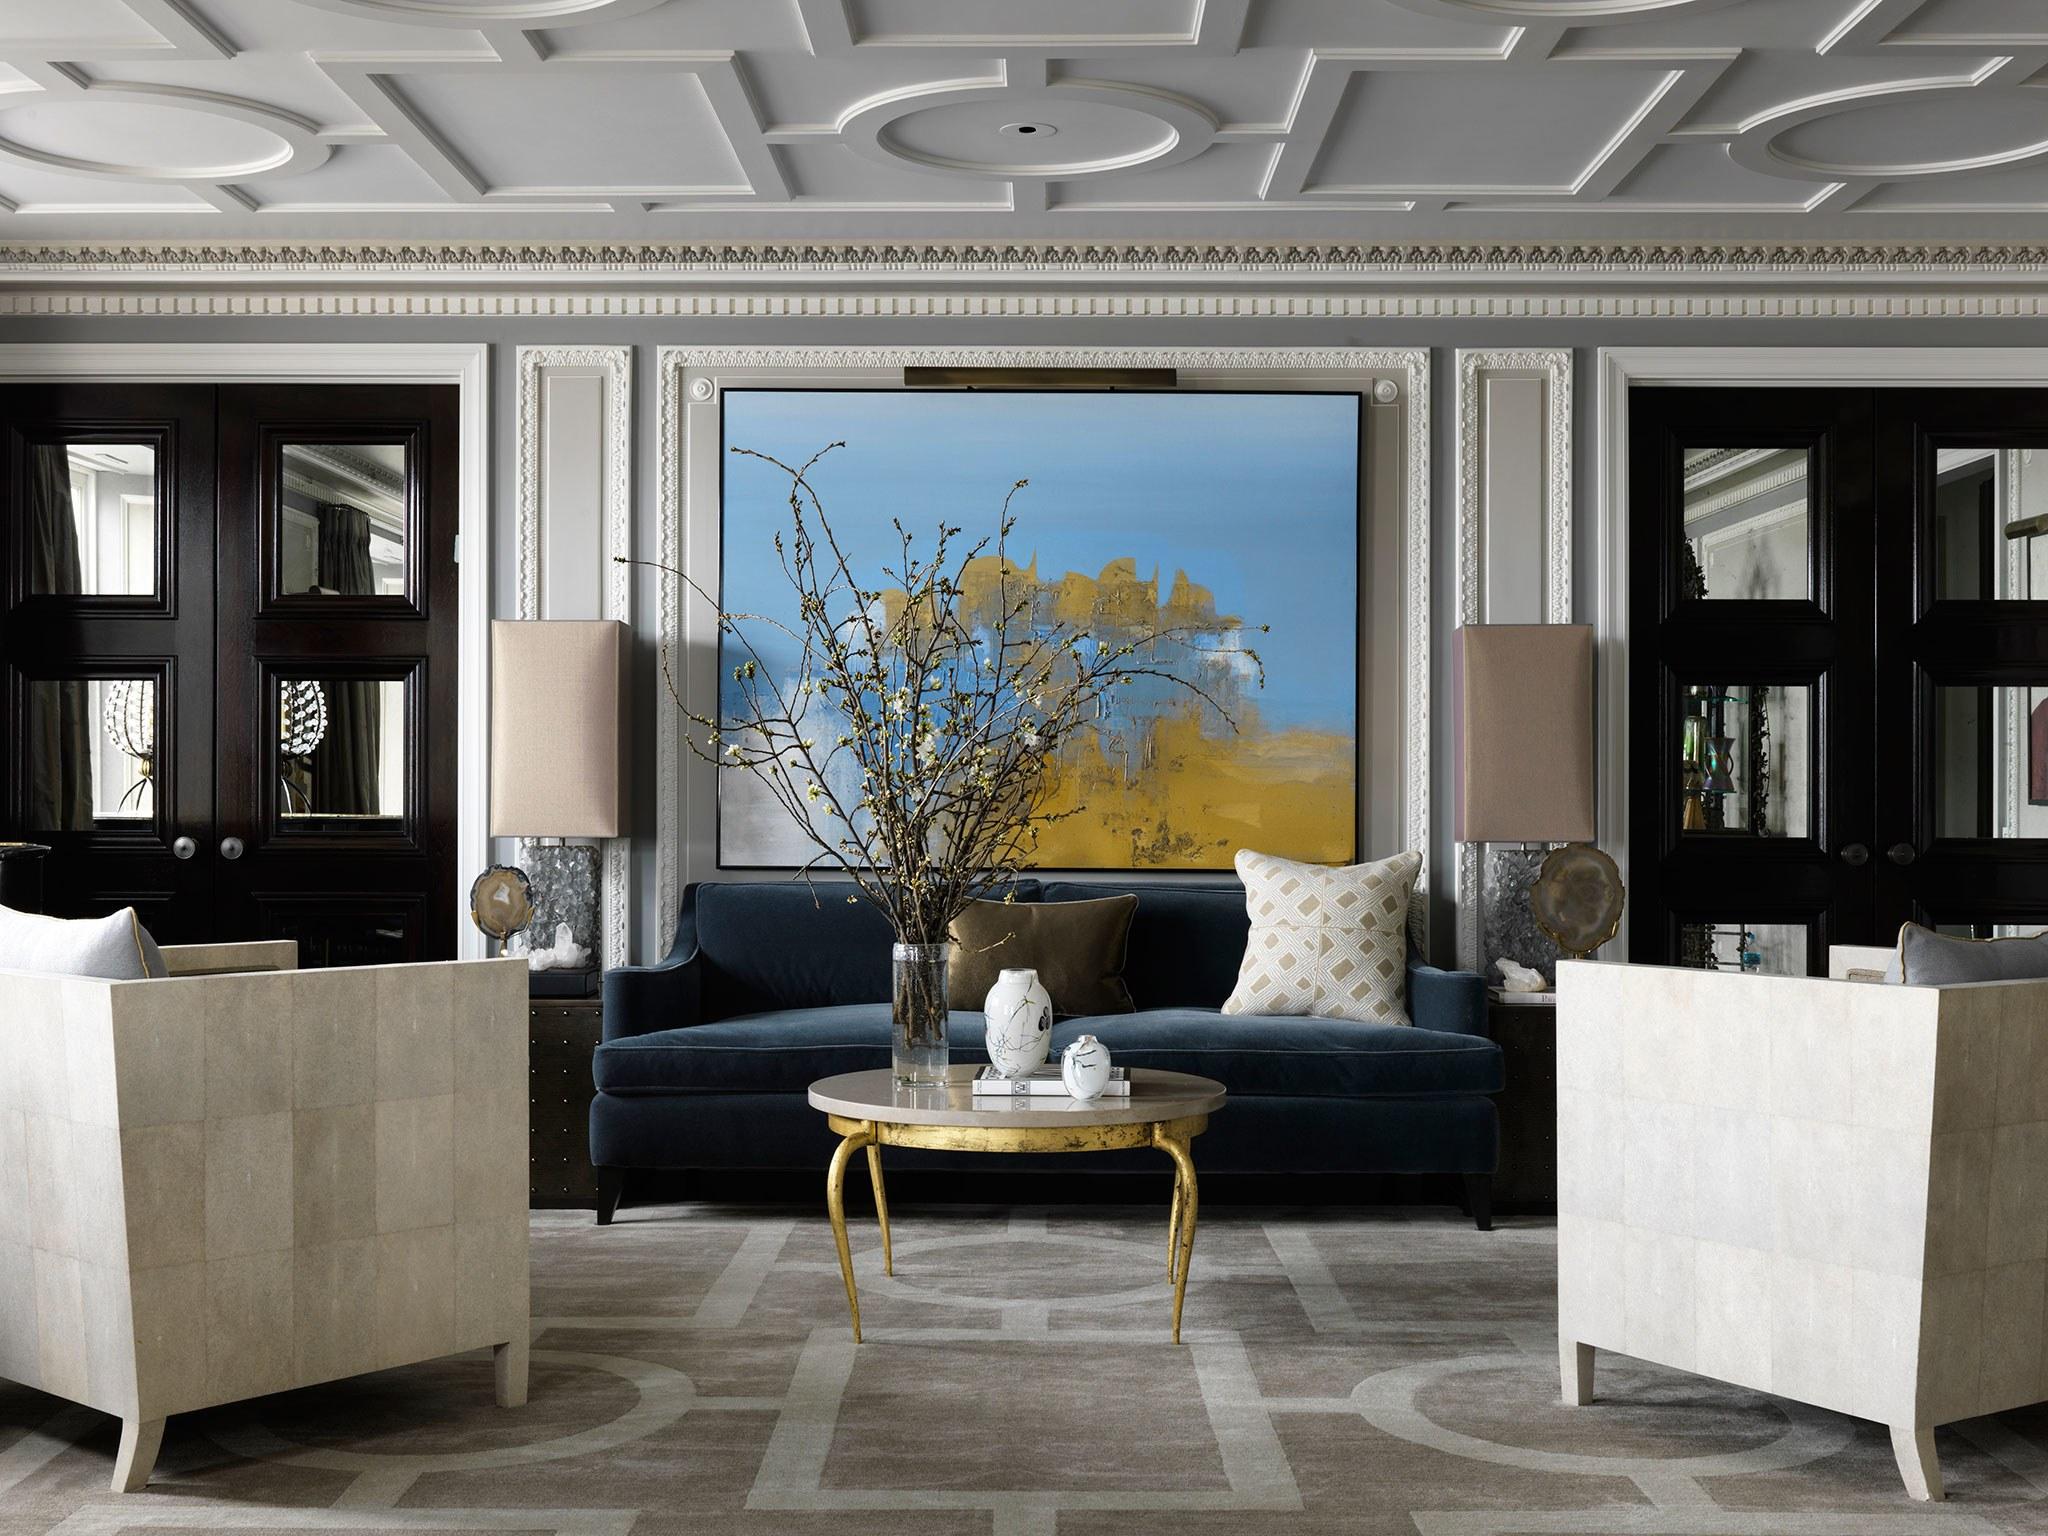 soggiorno lussuoso chicago interni jean louis deniot designer